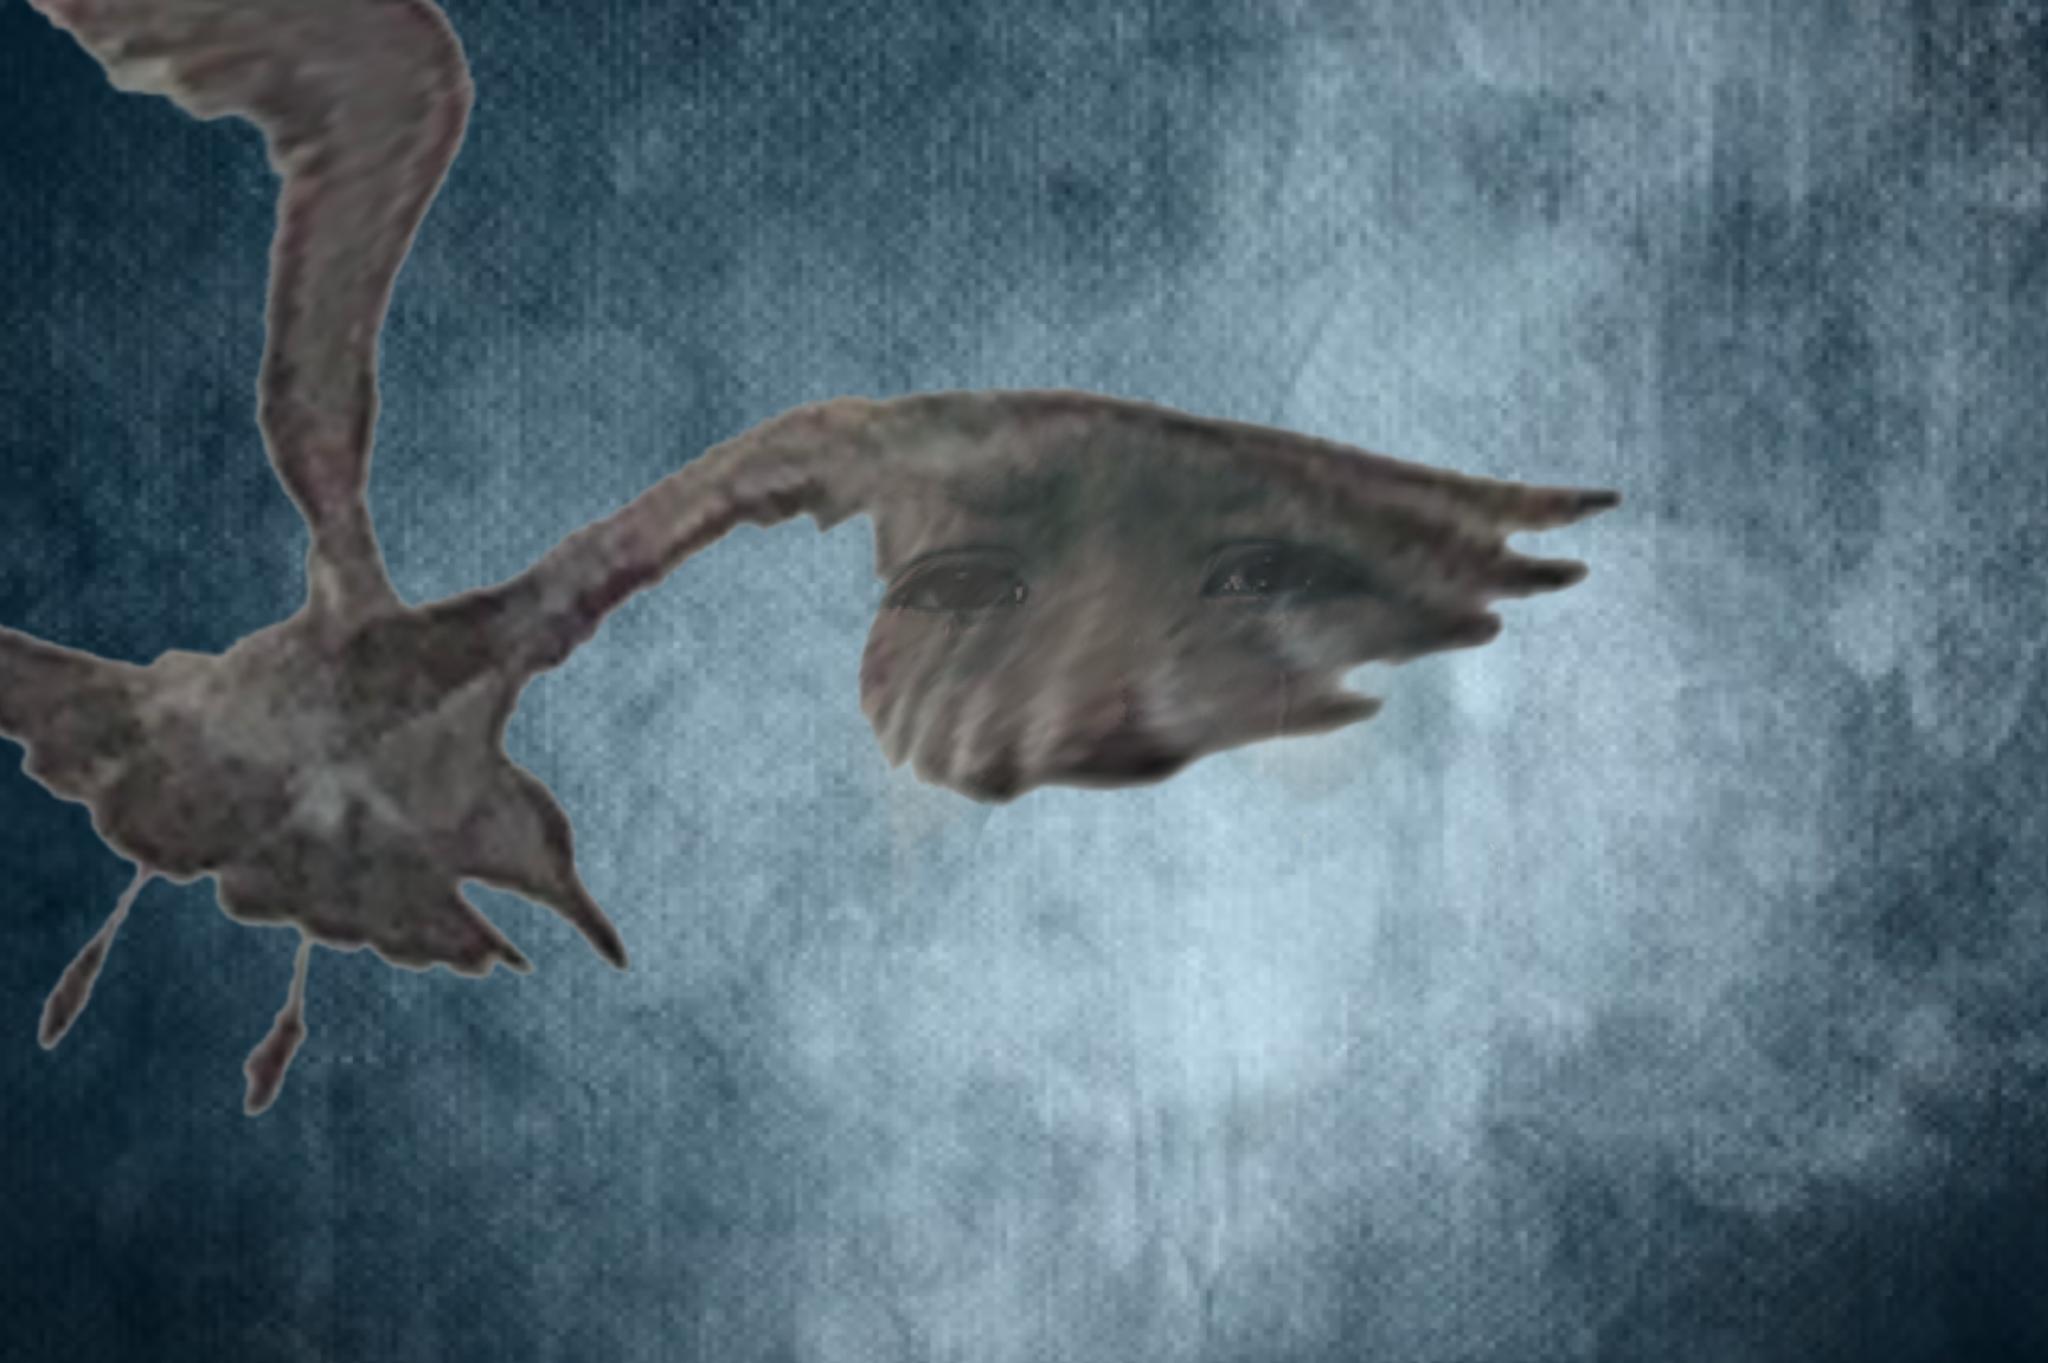 Looming - SuperimposeX